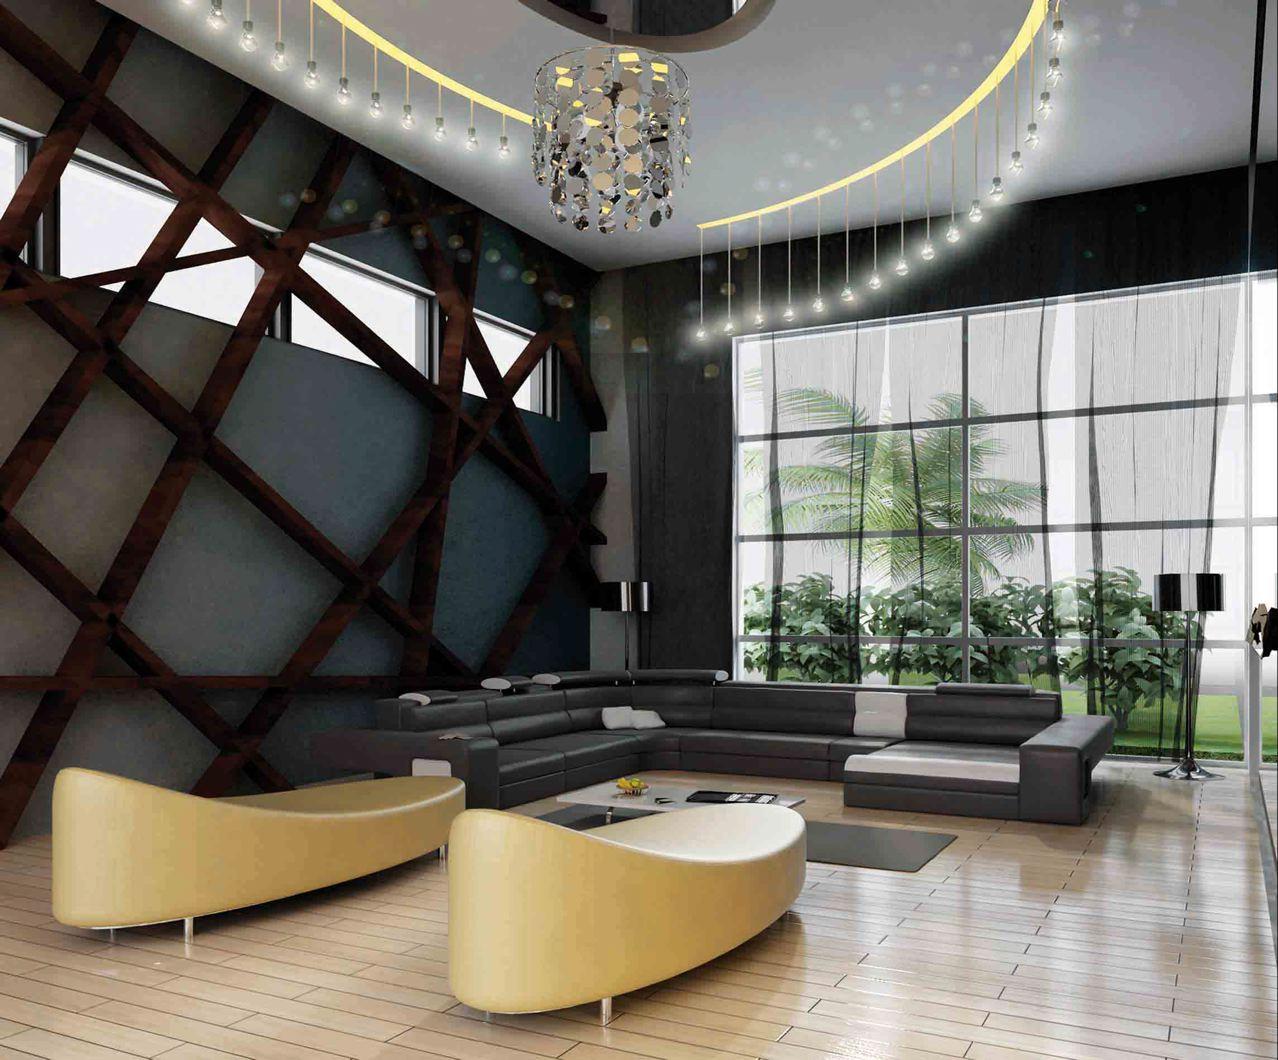 Living room by galeries vanlian | Vick Vanlian | Page 2